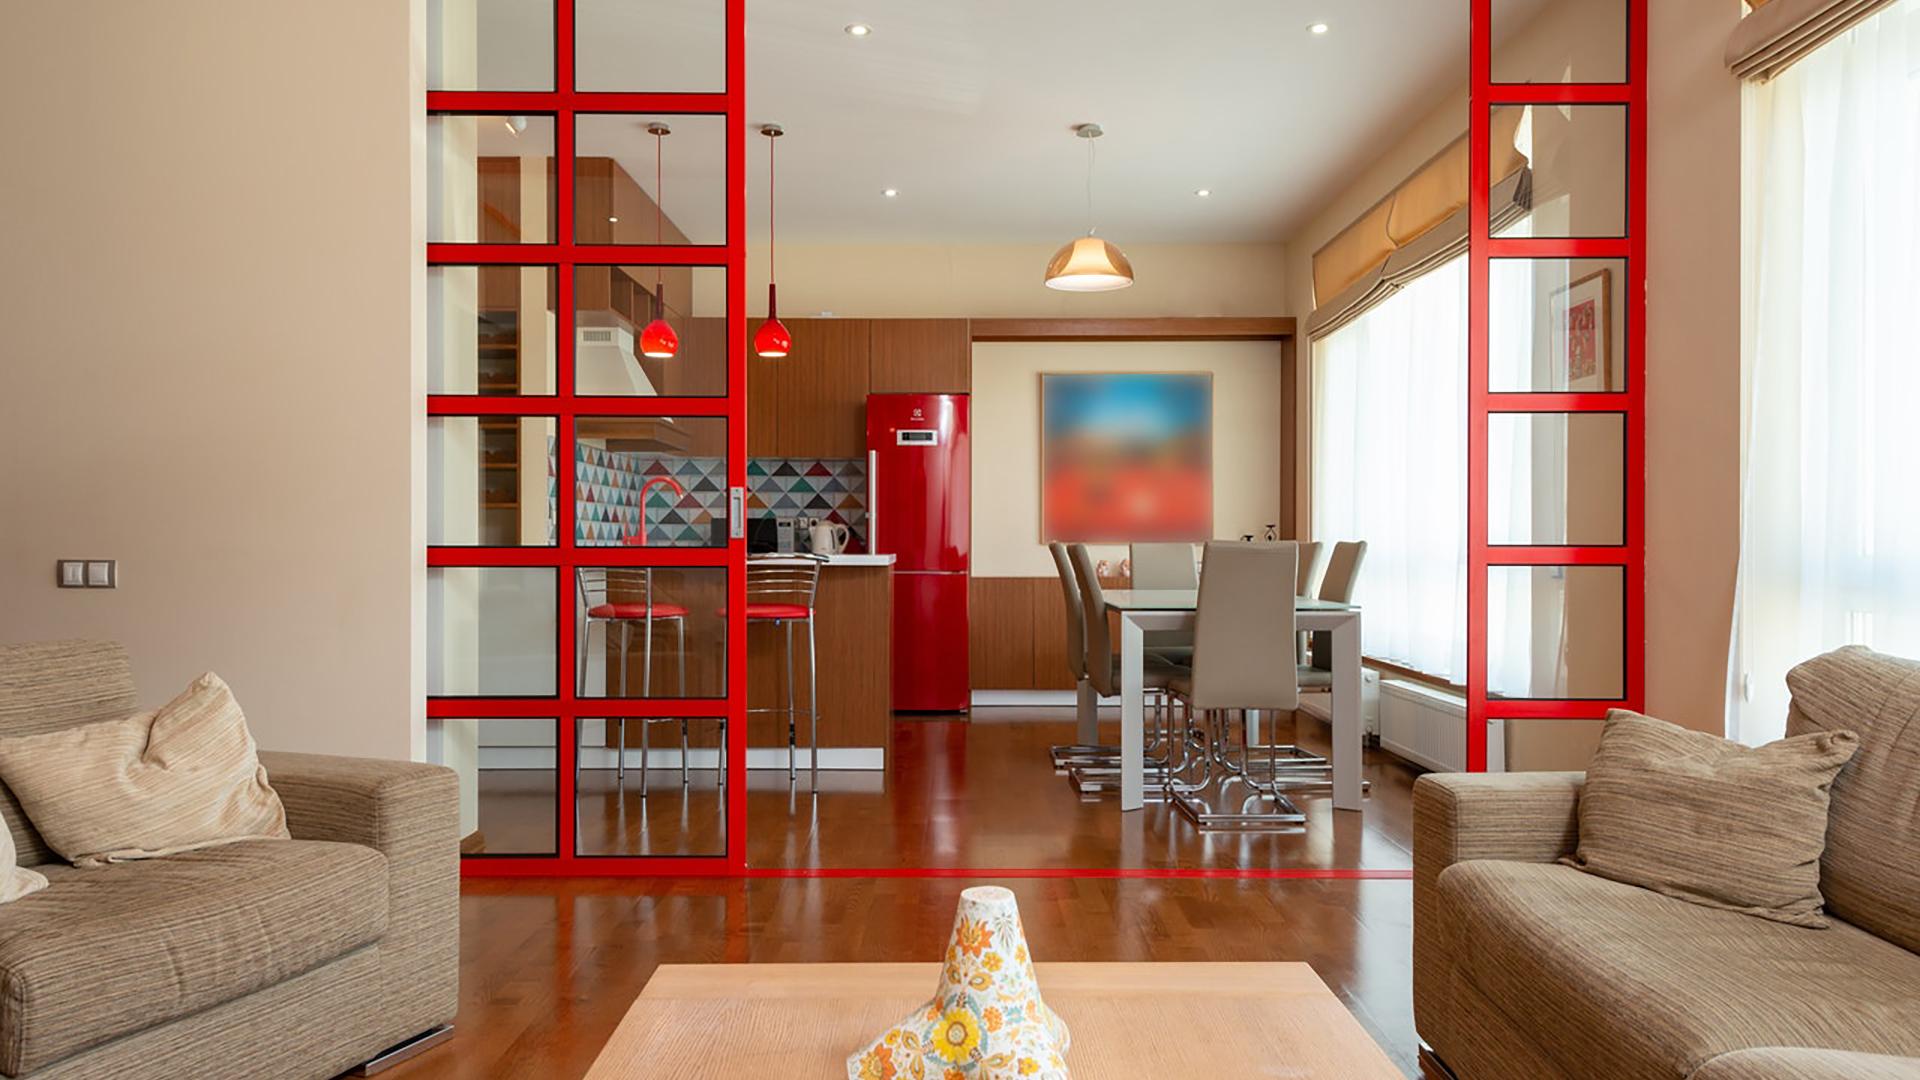 Portas de correr em vidro ou madeira, painéis dobráveis e outras divisórias tornam ambientes flexíveis, permitindo tanto a integração quanto o isolamento